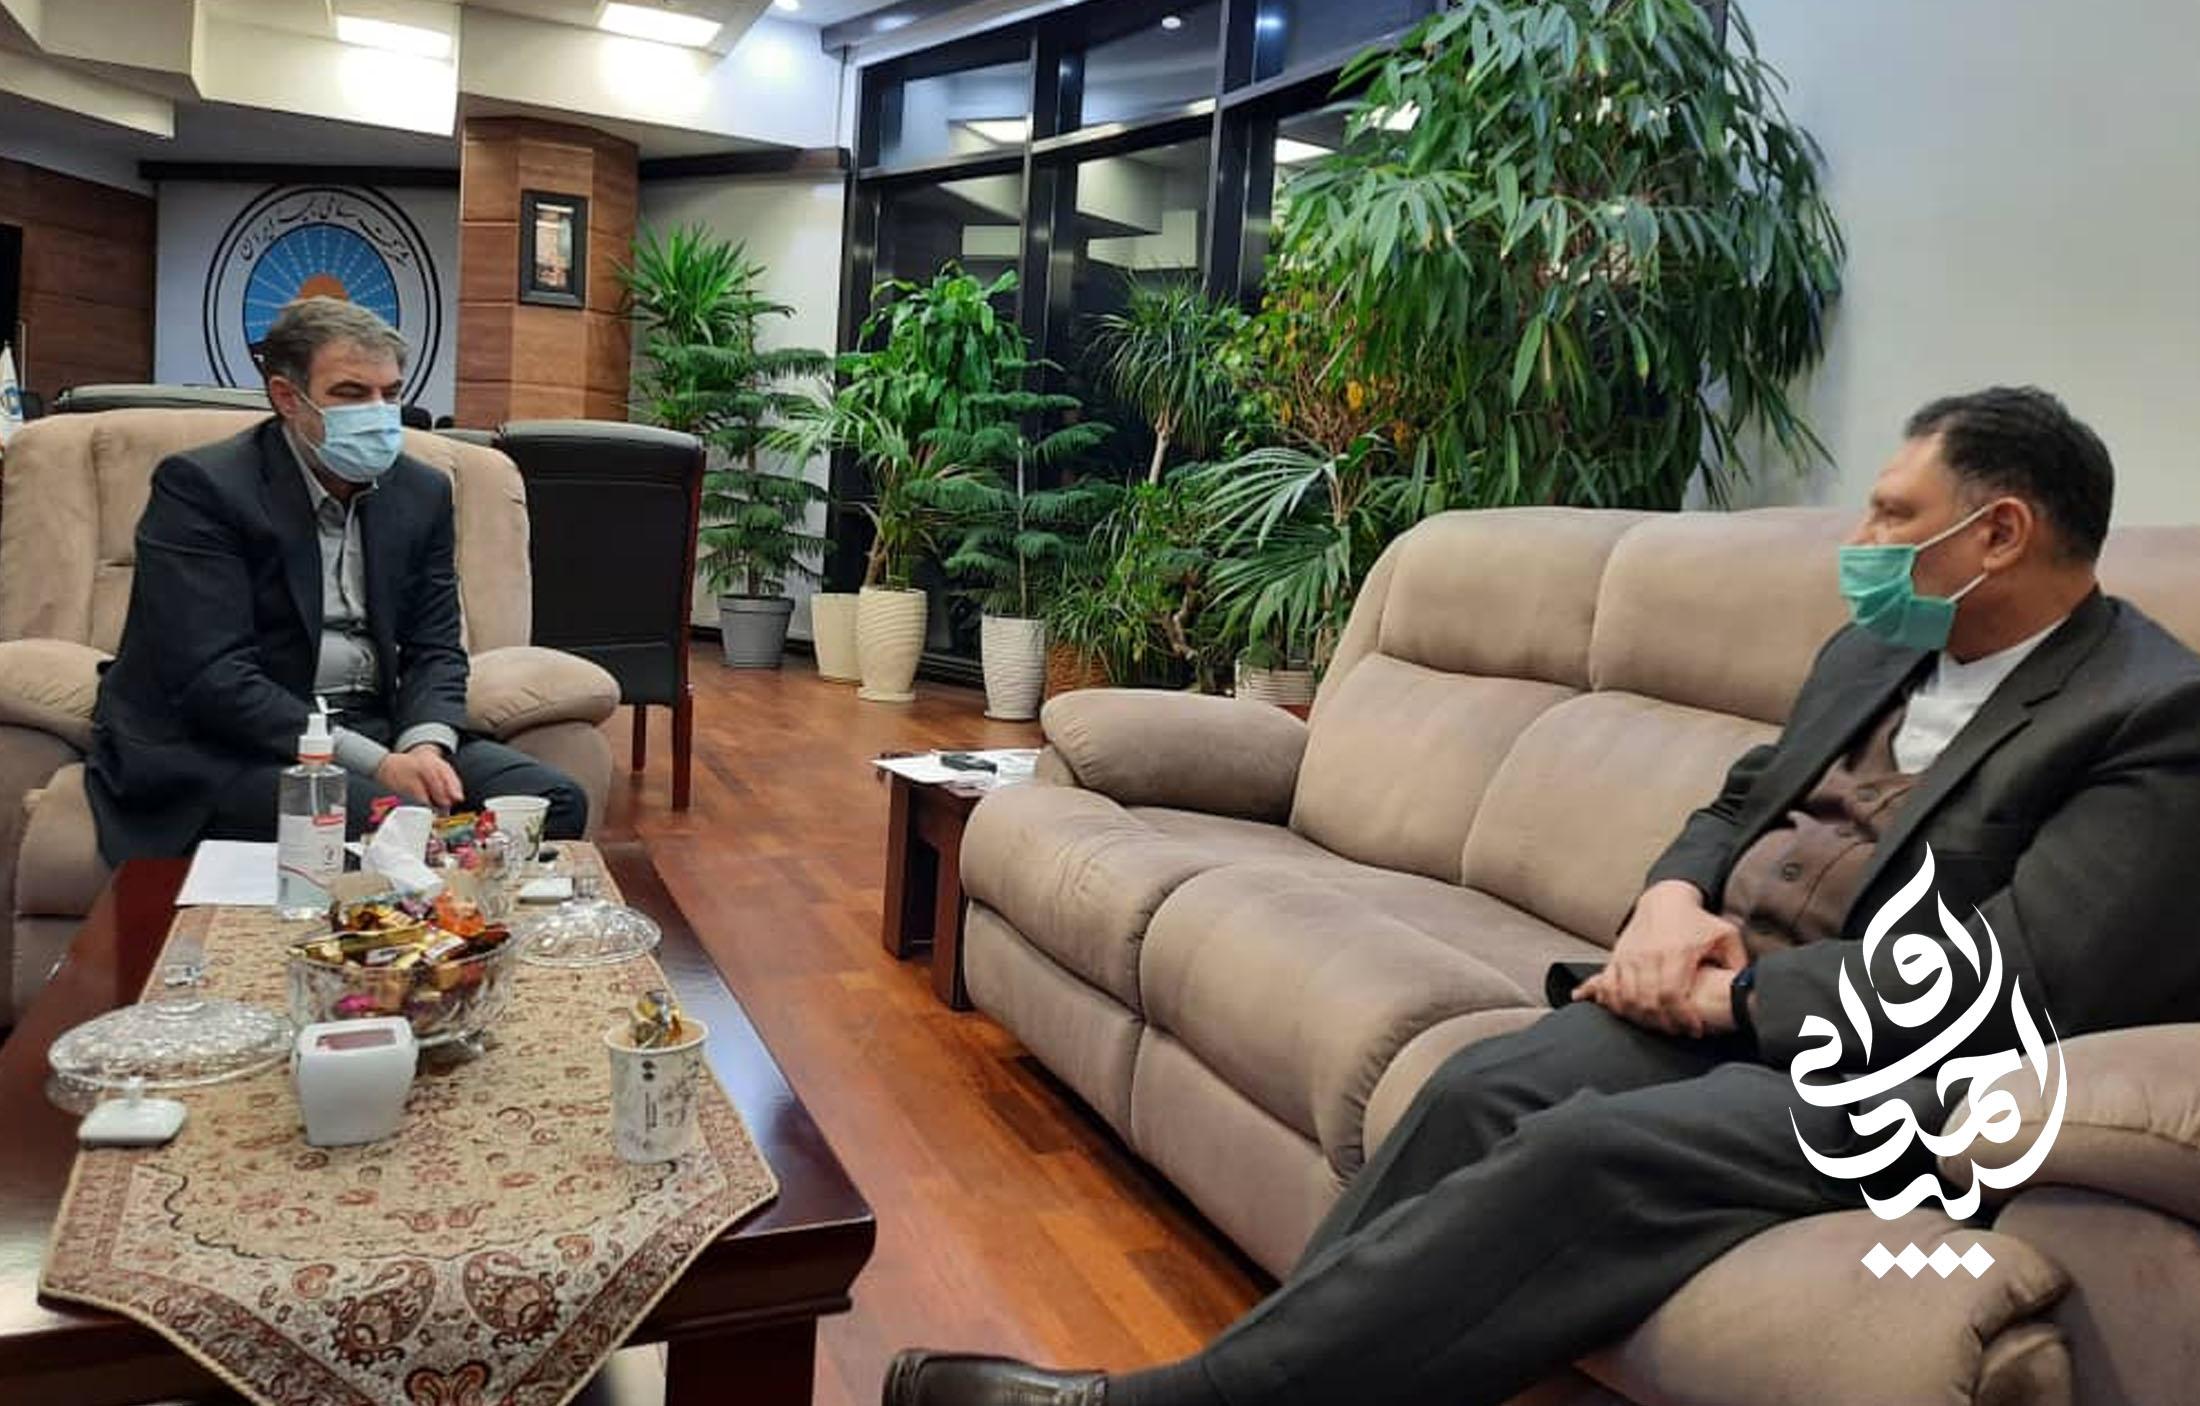 آوایی: اعتماد بین مردم وبیمه باید متقابل باشد / لزوم خدمات دهی هر چه بهتر بیمه ایران به مردم شهرستان دزفول